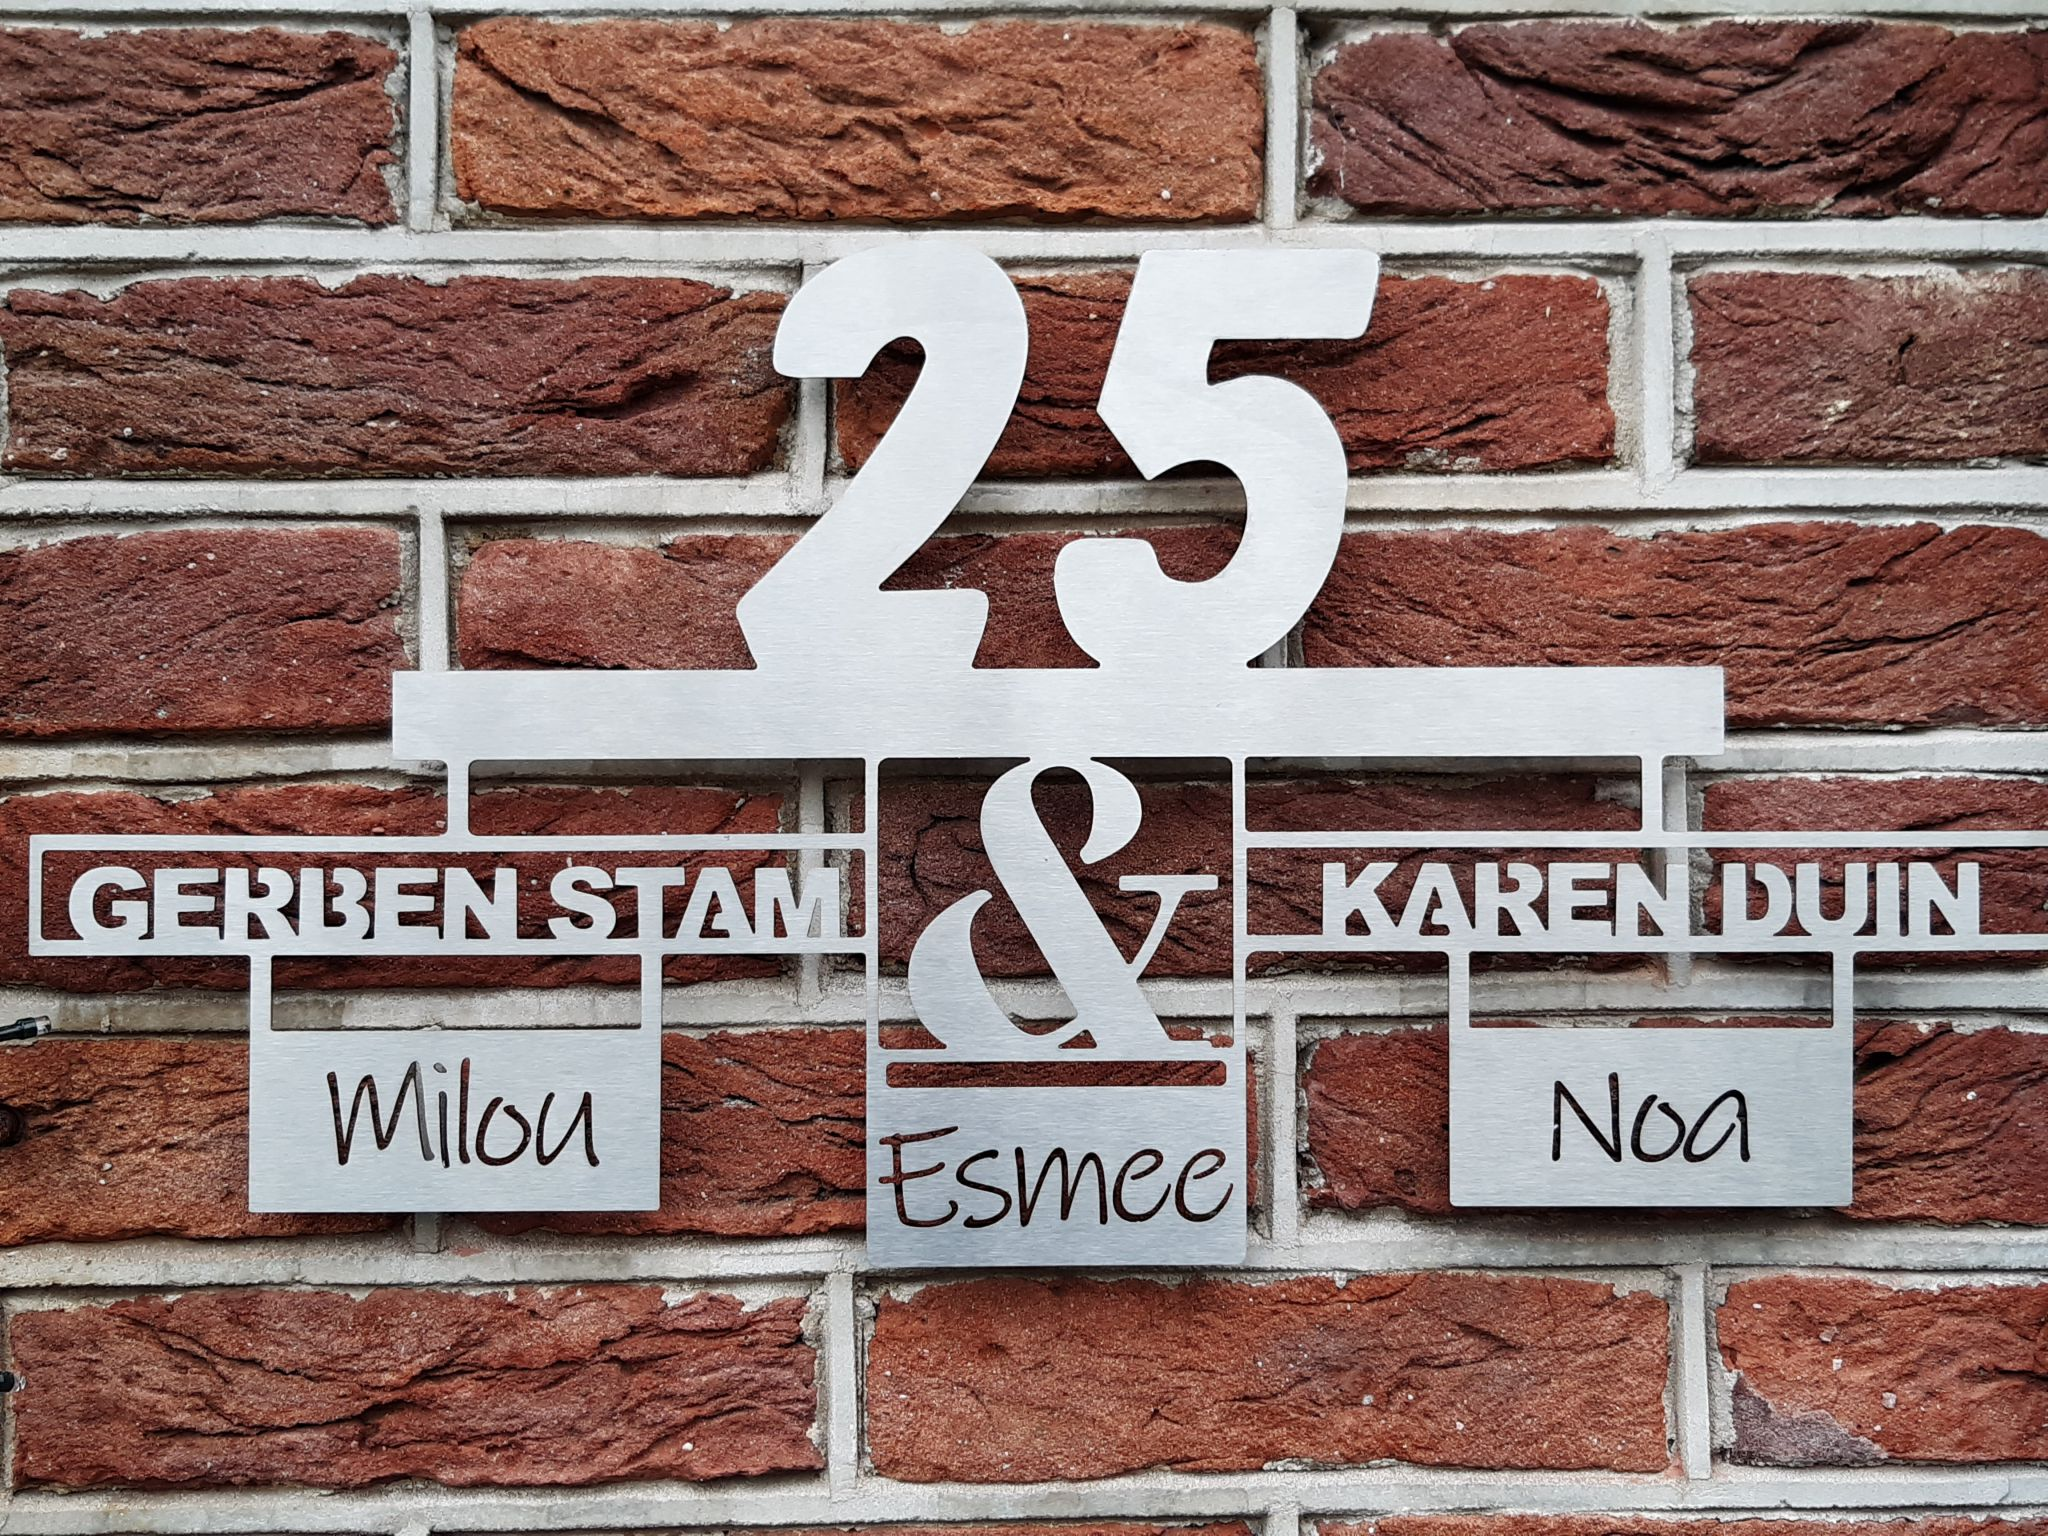 Huisnaambord en huisnummer naambord samengevoegd in een special